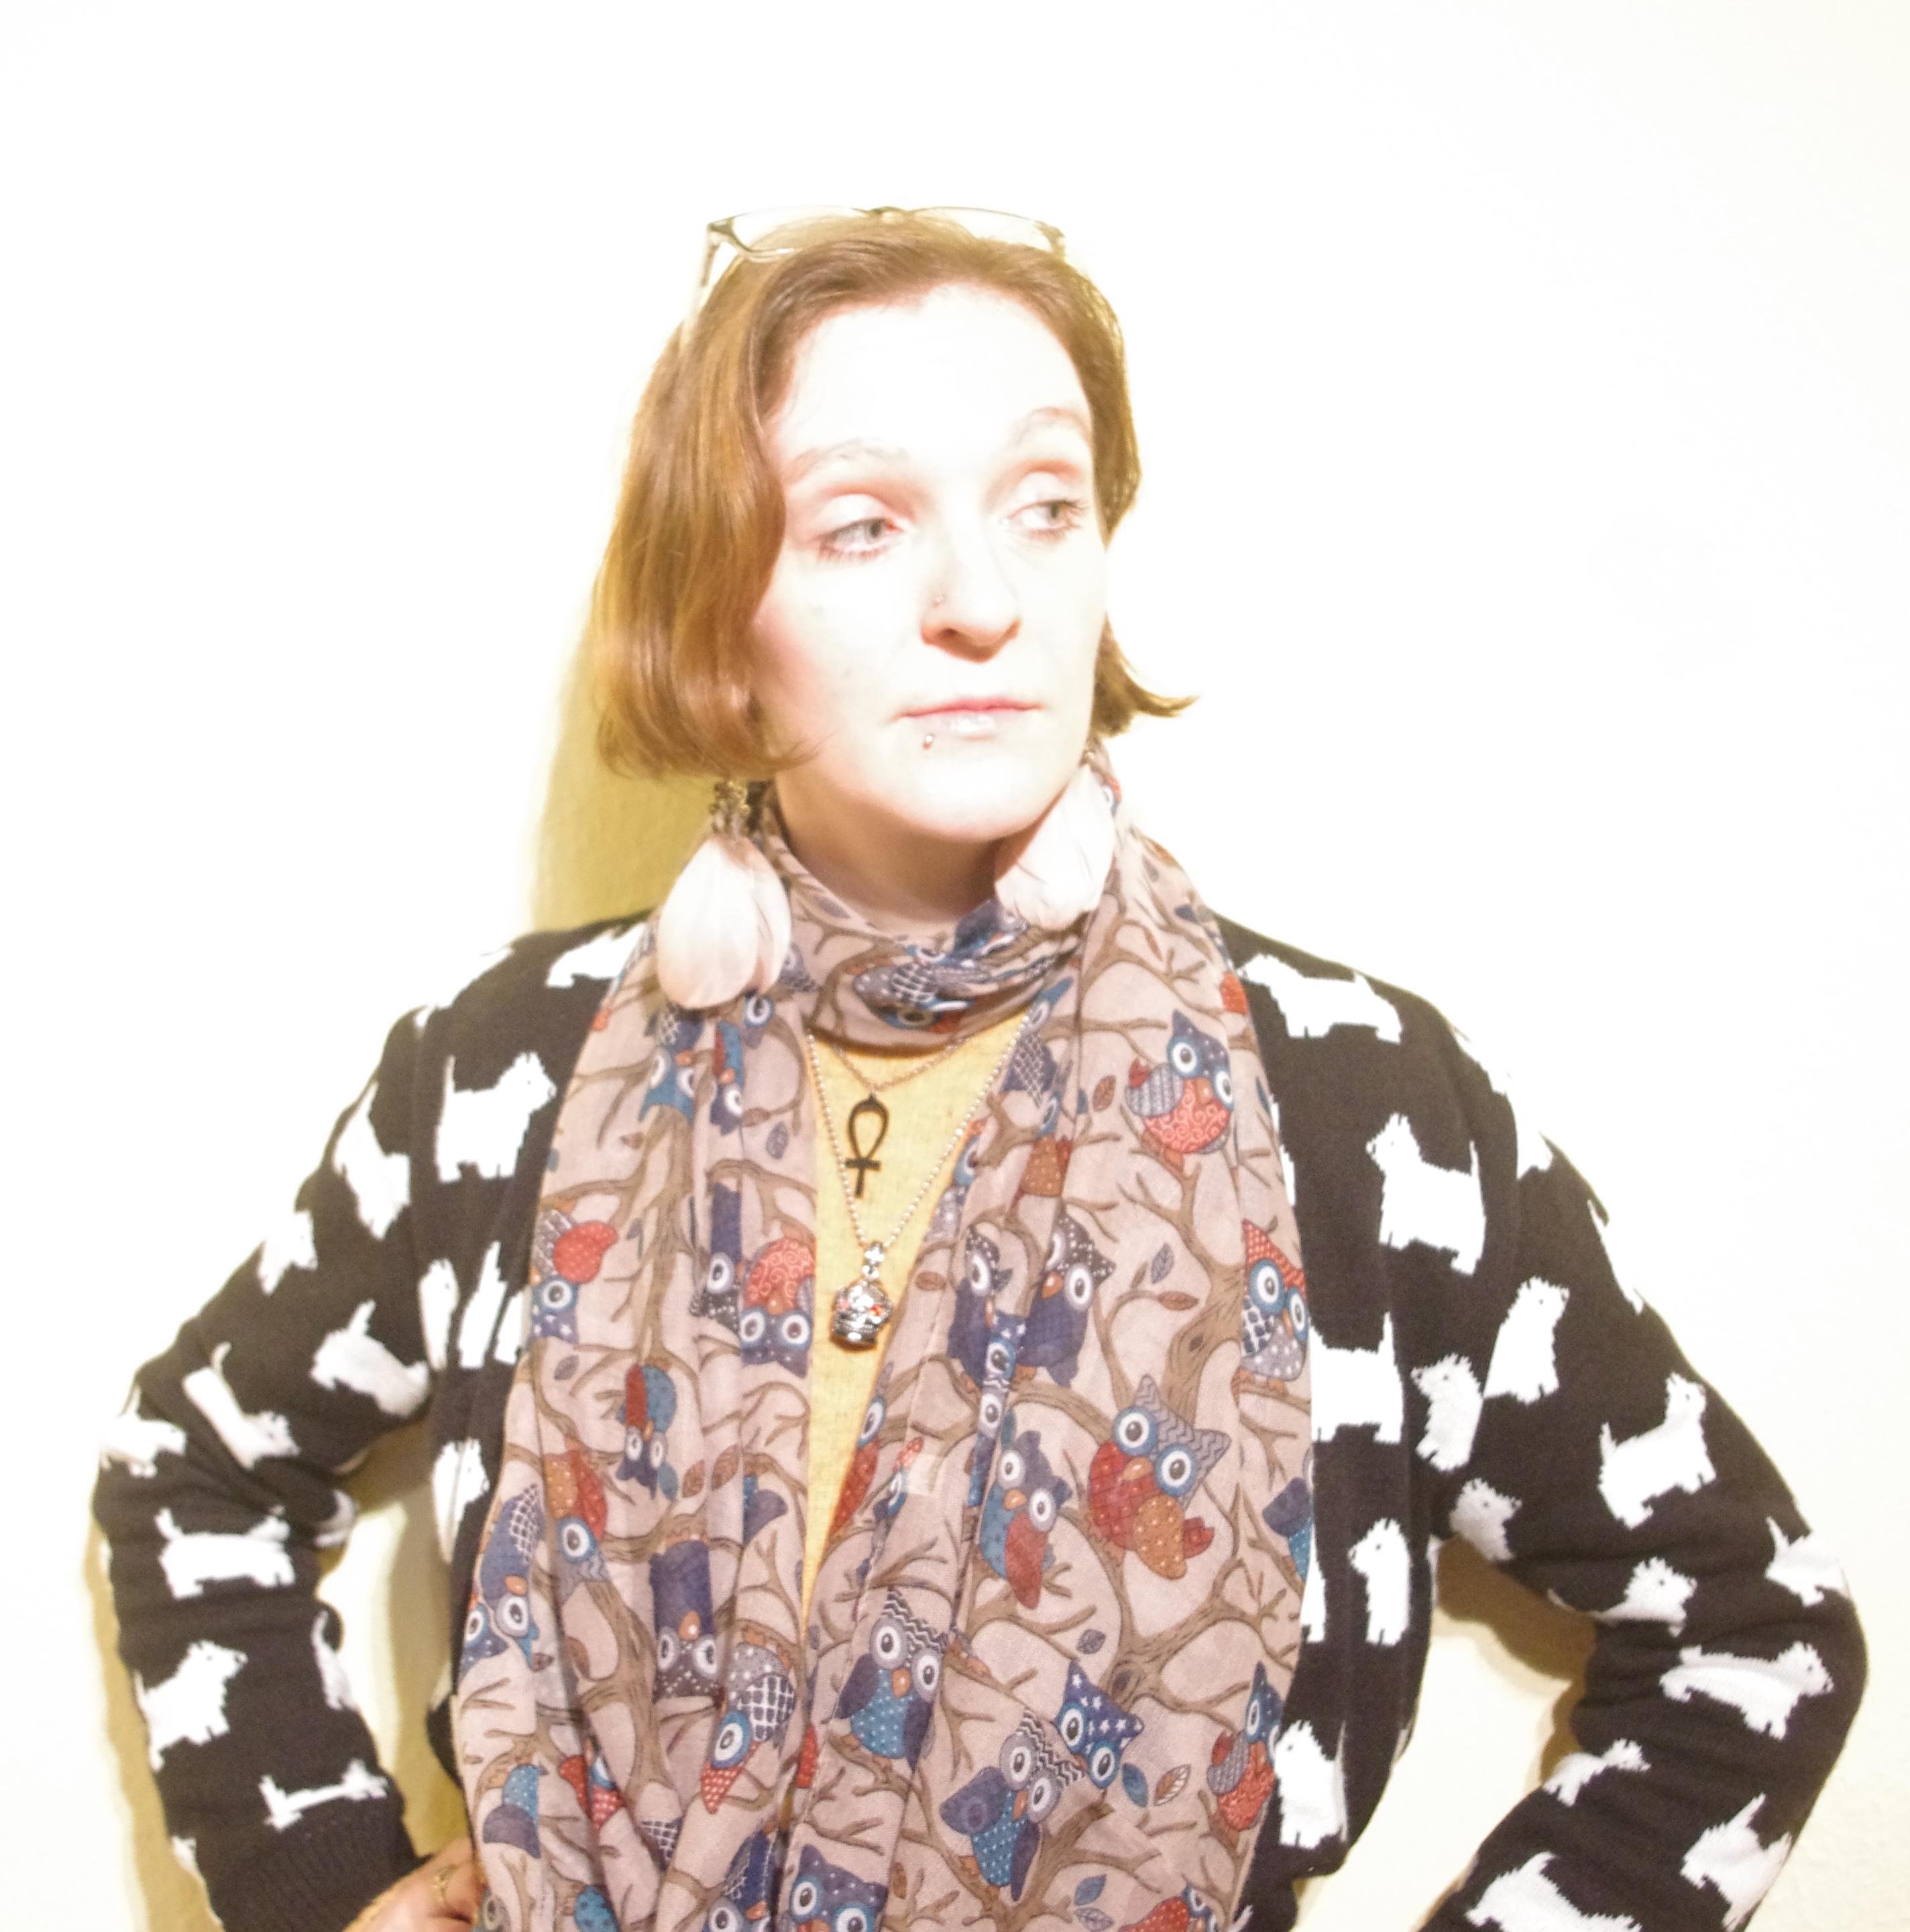 Eva Janicki